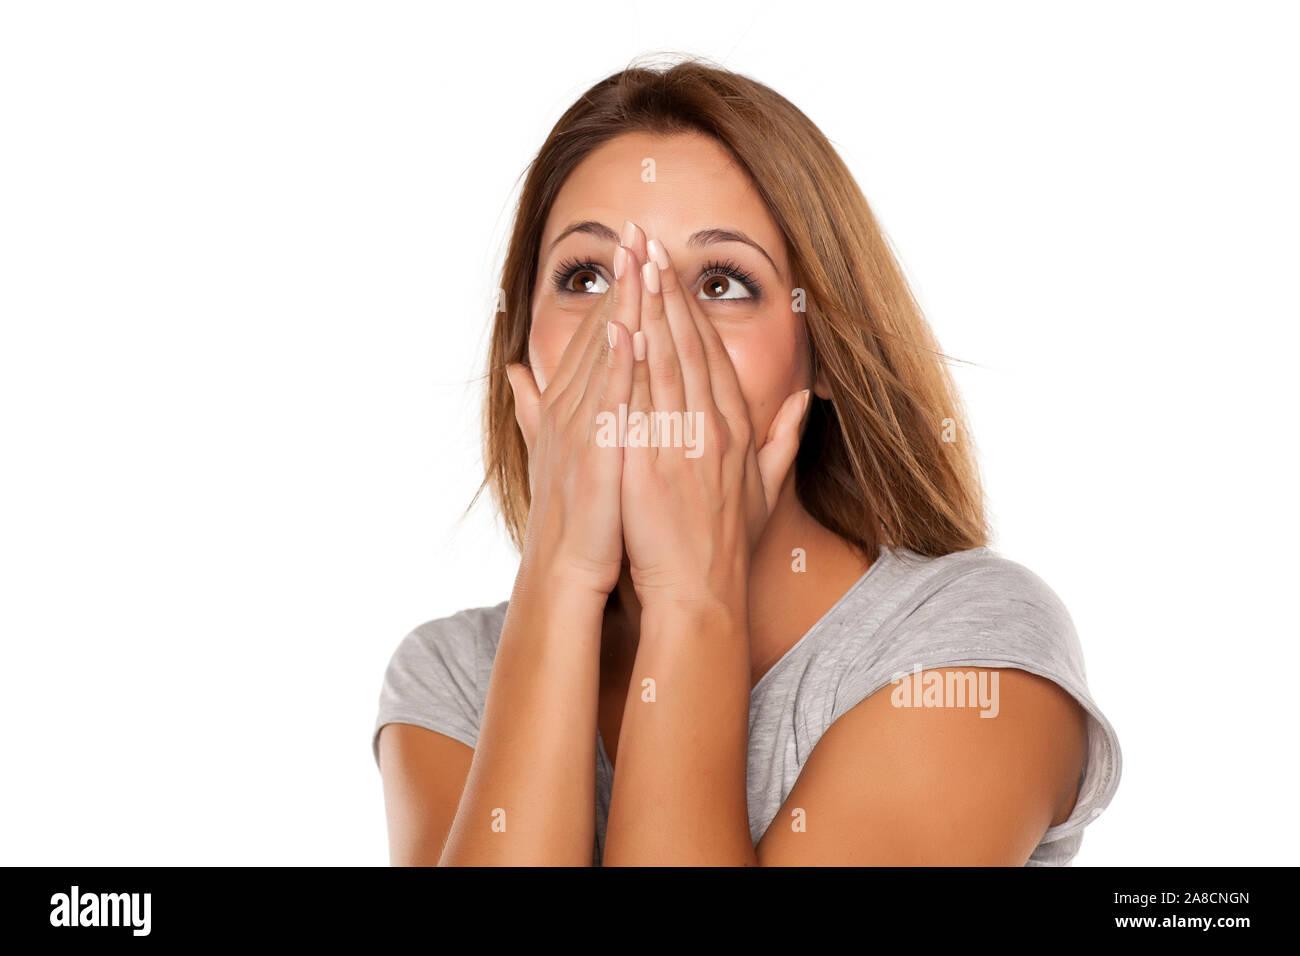 Jeune femme couvre son visage avec ses mains Banque D'Images